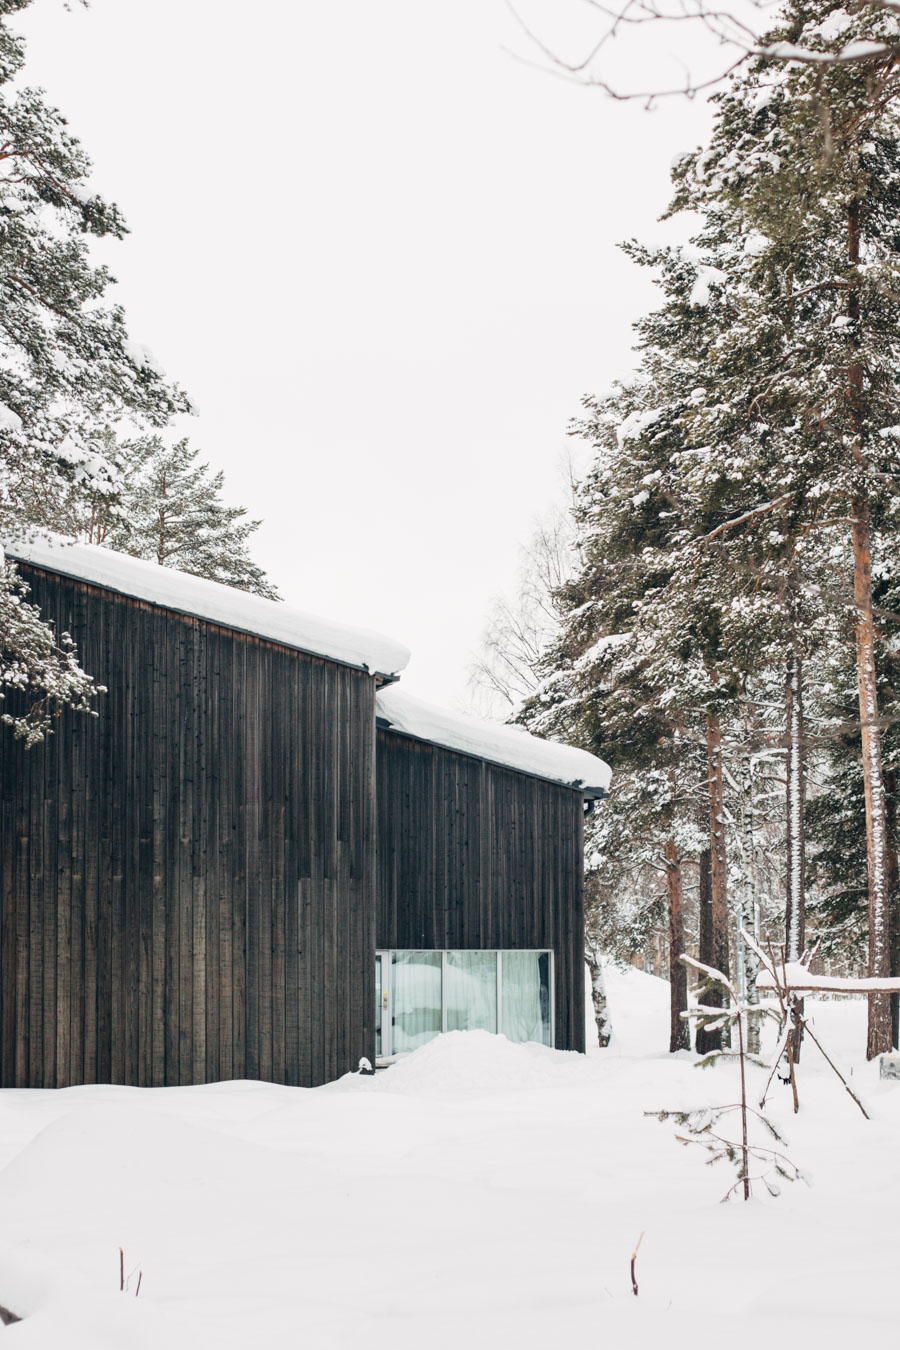 Swedish Lapland Ájtte museum